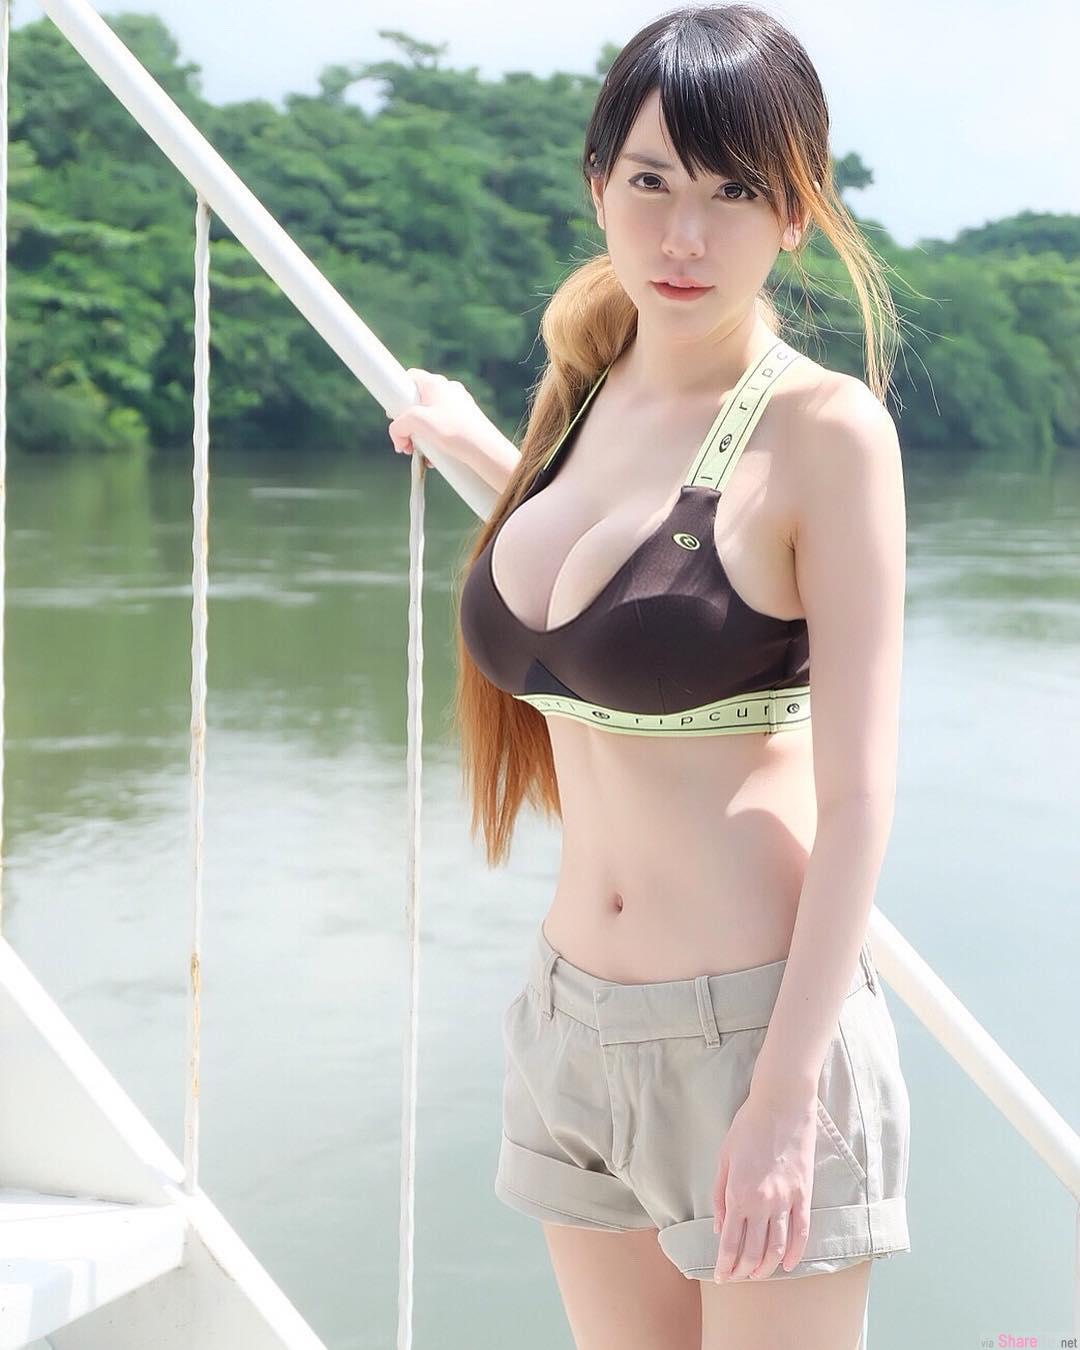 泰国正妹把玩小老虎,网友:有老虎吗?